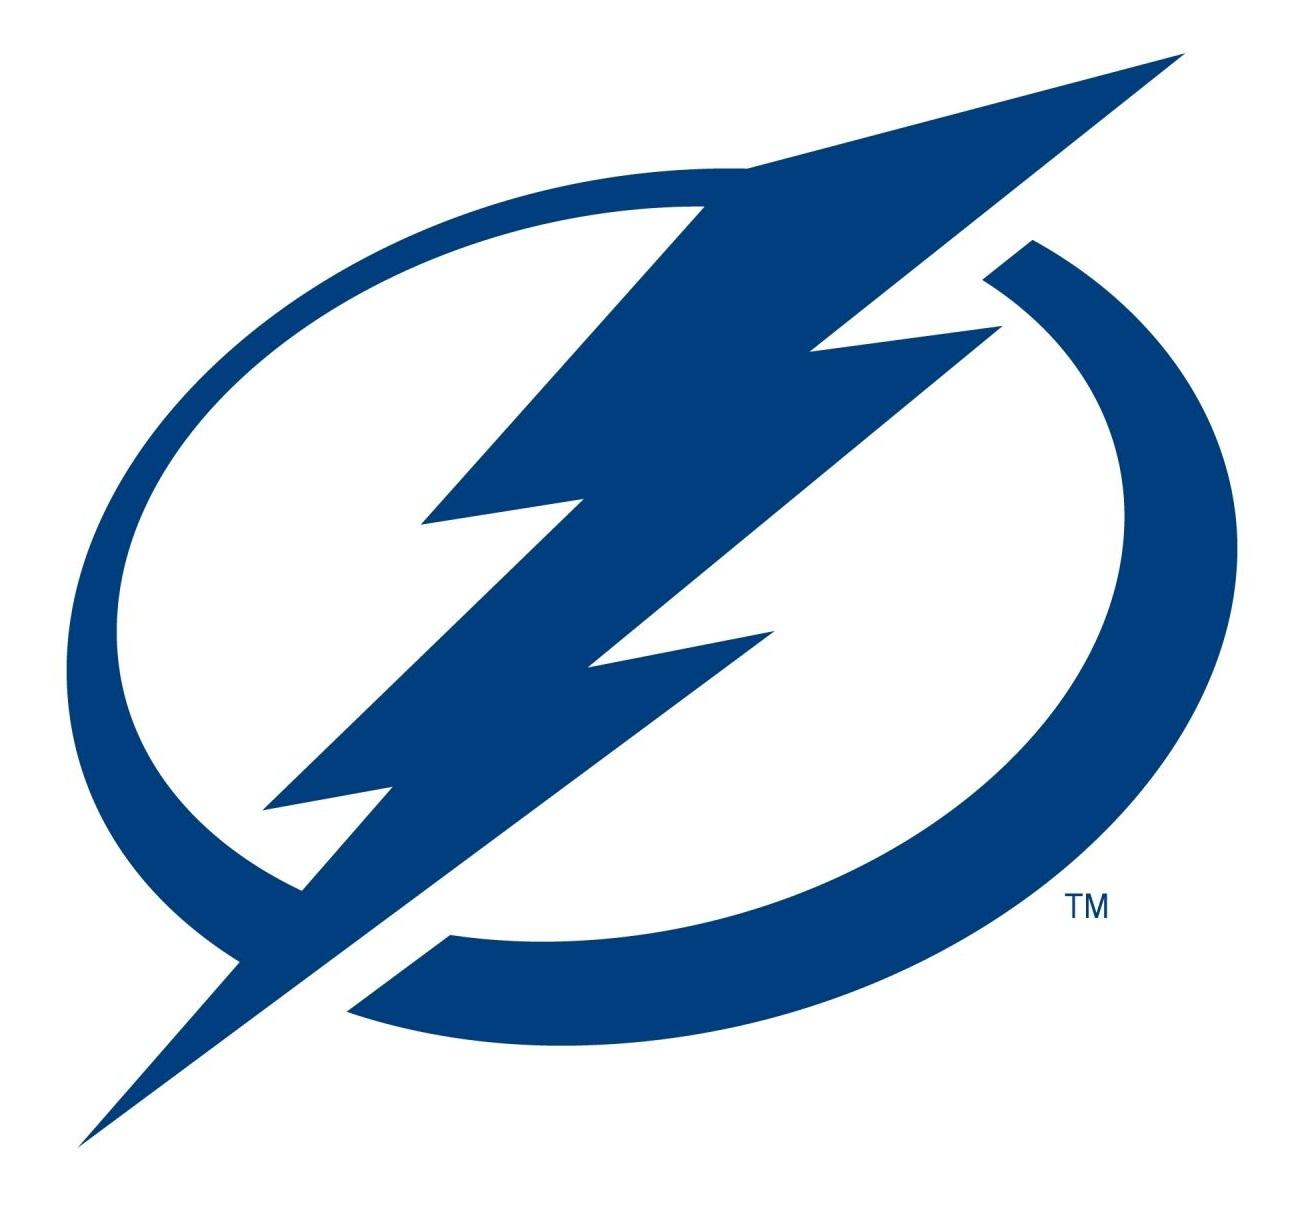 Tampa Bay Lightning Logo tampa bay lightning logo wallpaper Logo 1304x1208